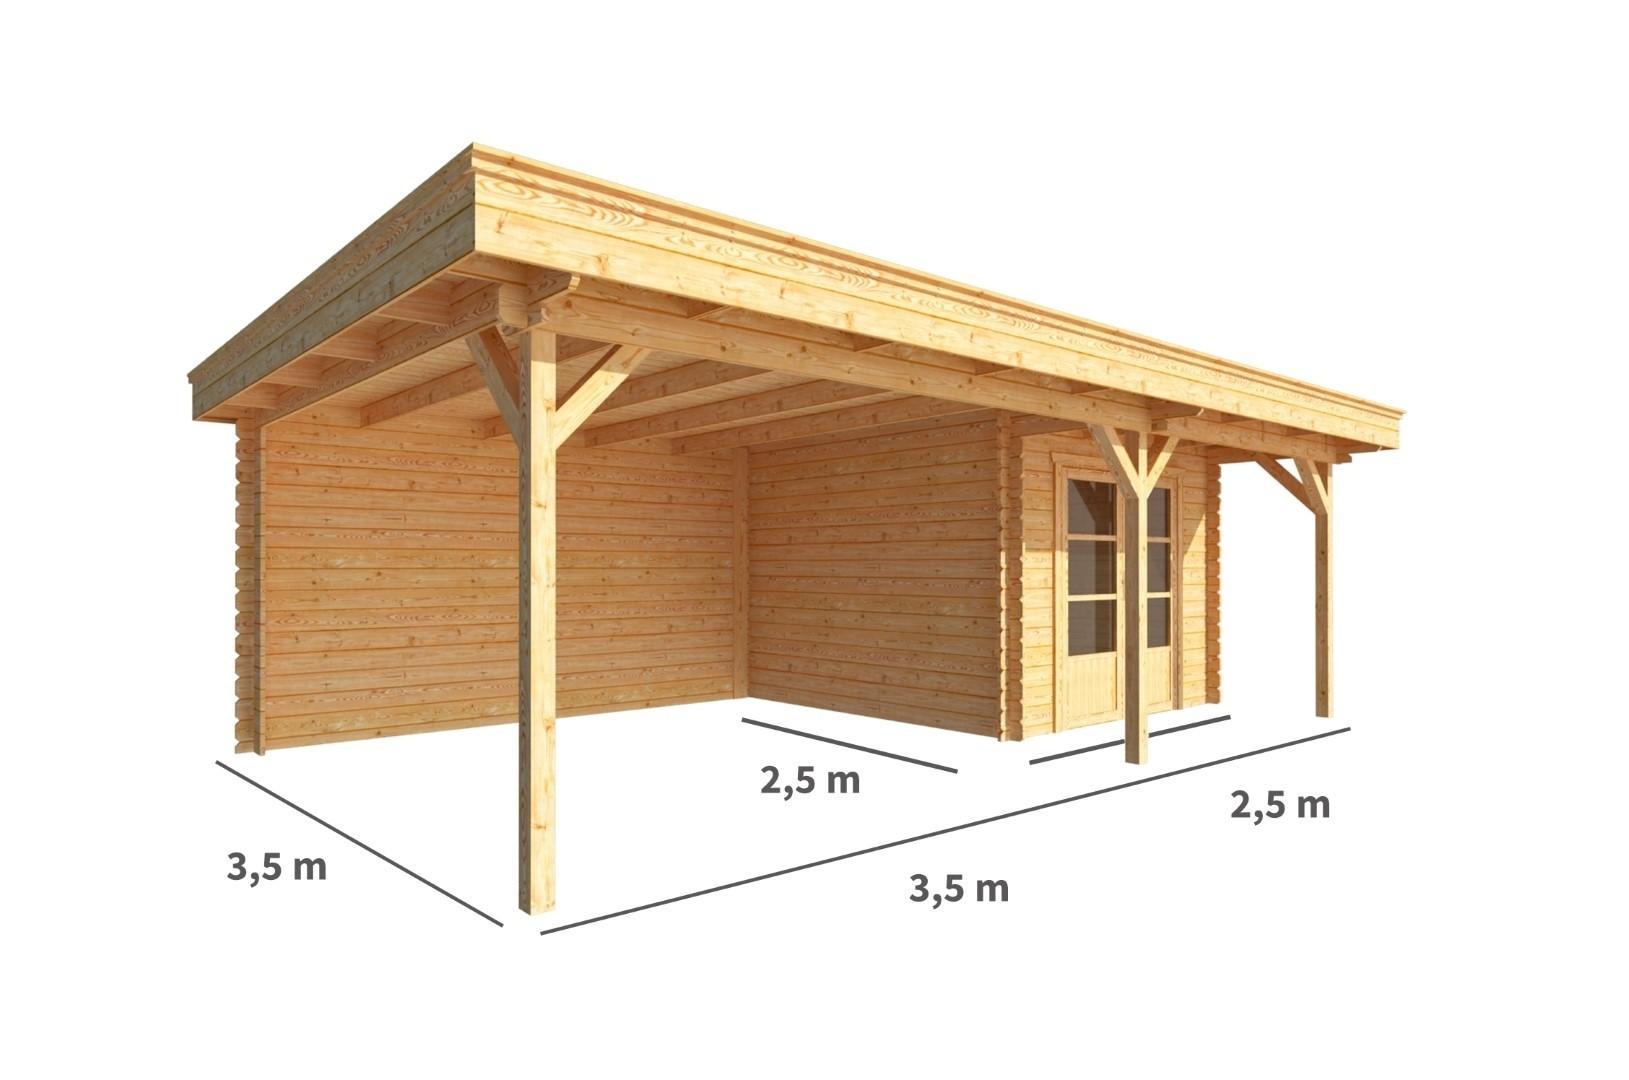 Blokhut met overkapping Lisa 600 cm bij 250 cm diep Plat dak